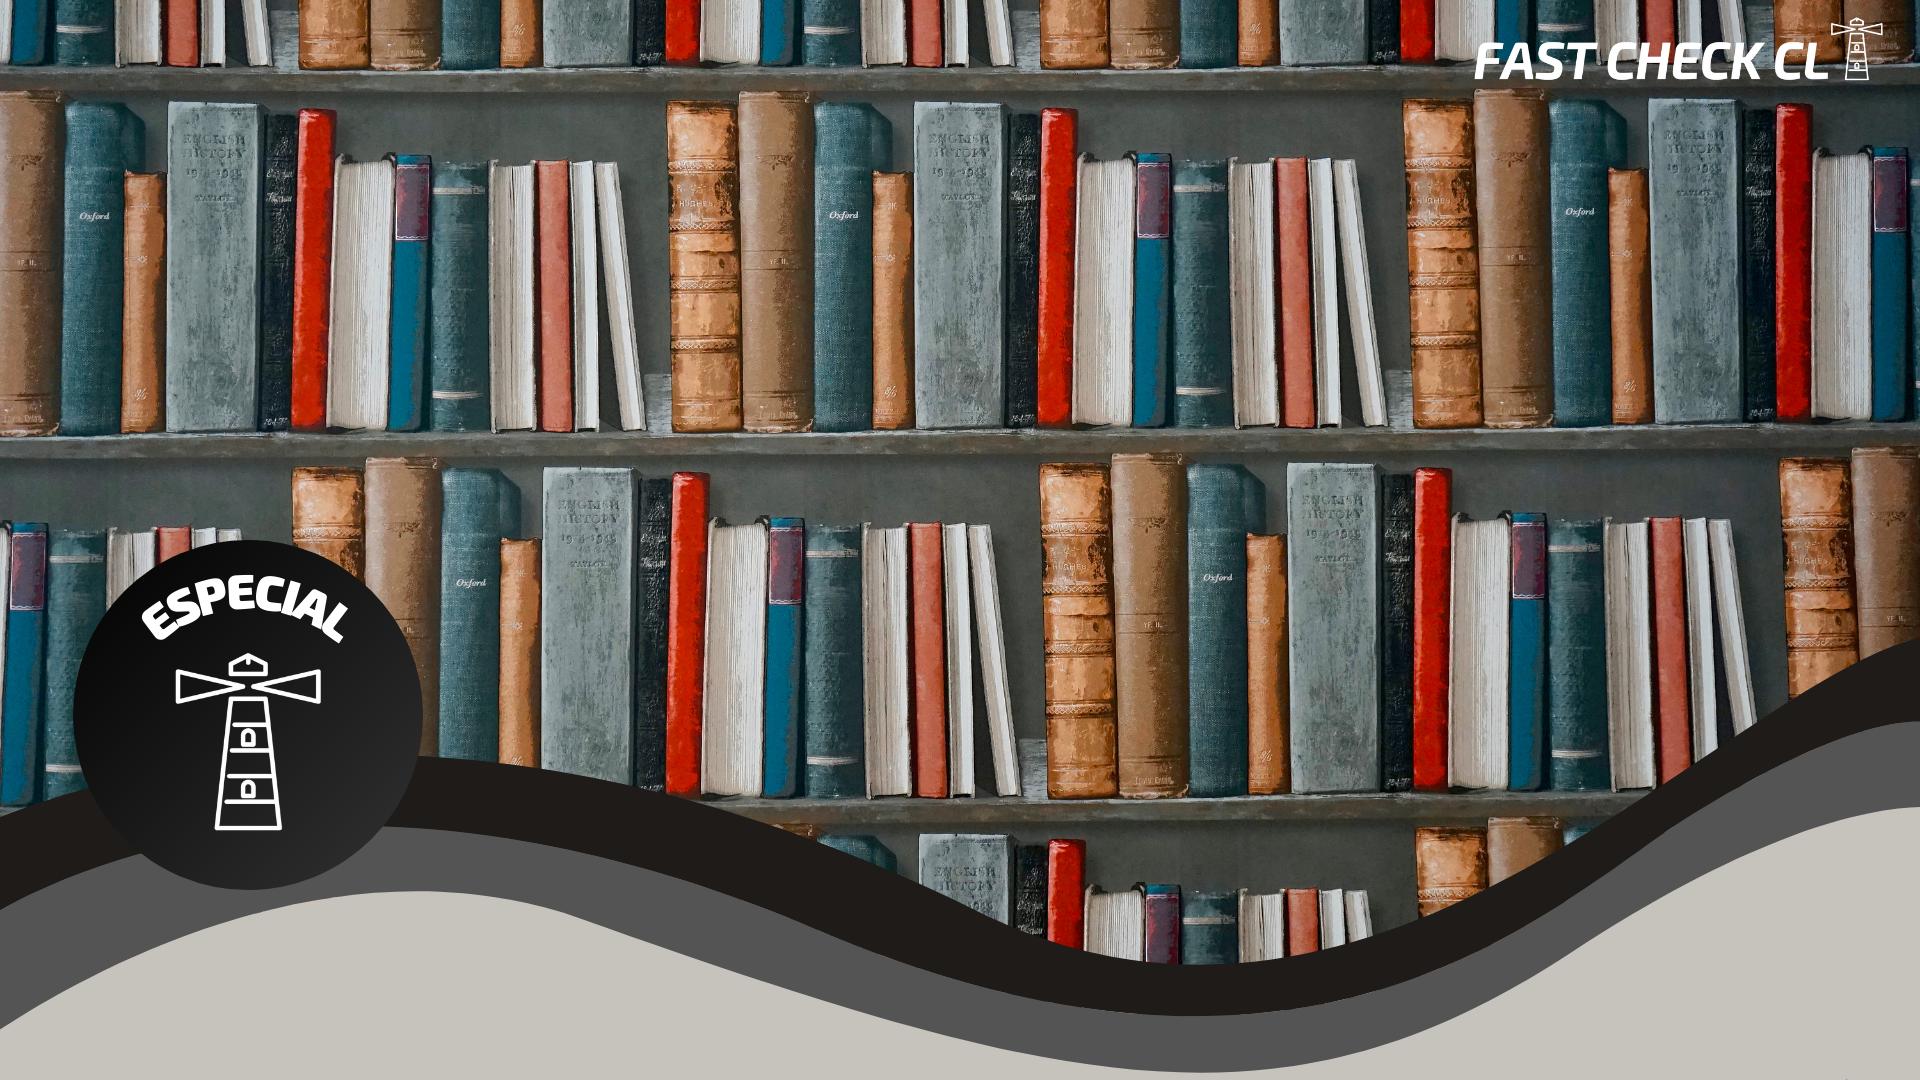 Día Internacional del Libro: ¿Qué beneficios para la salud entrega la lectura?